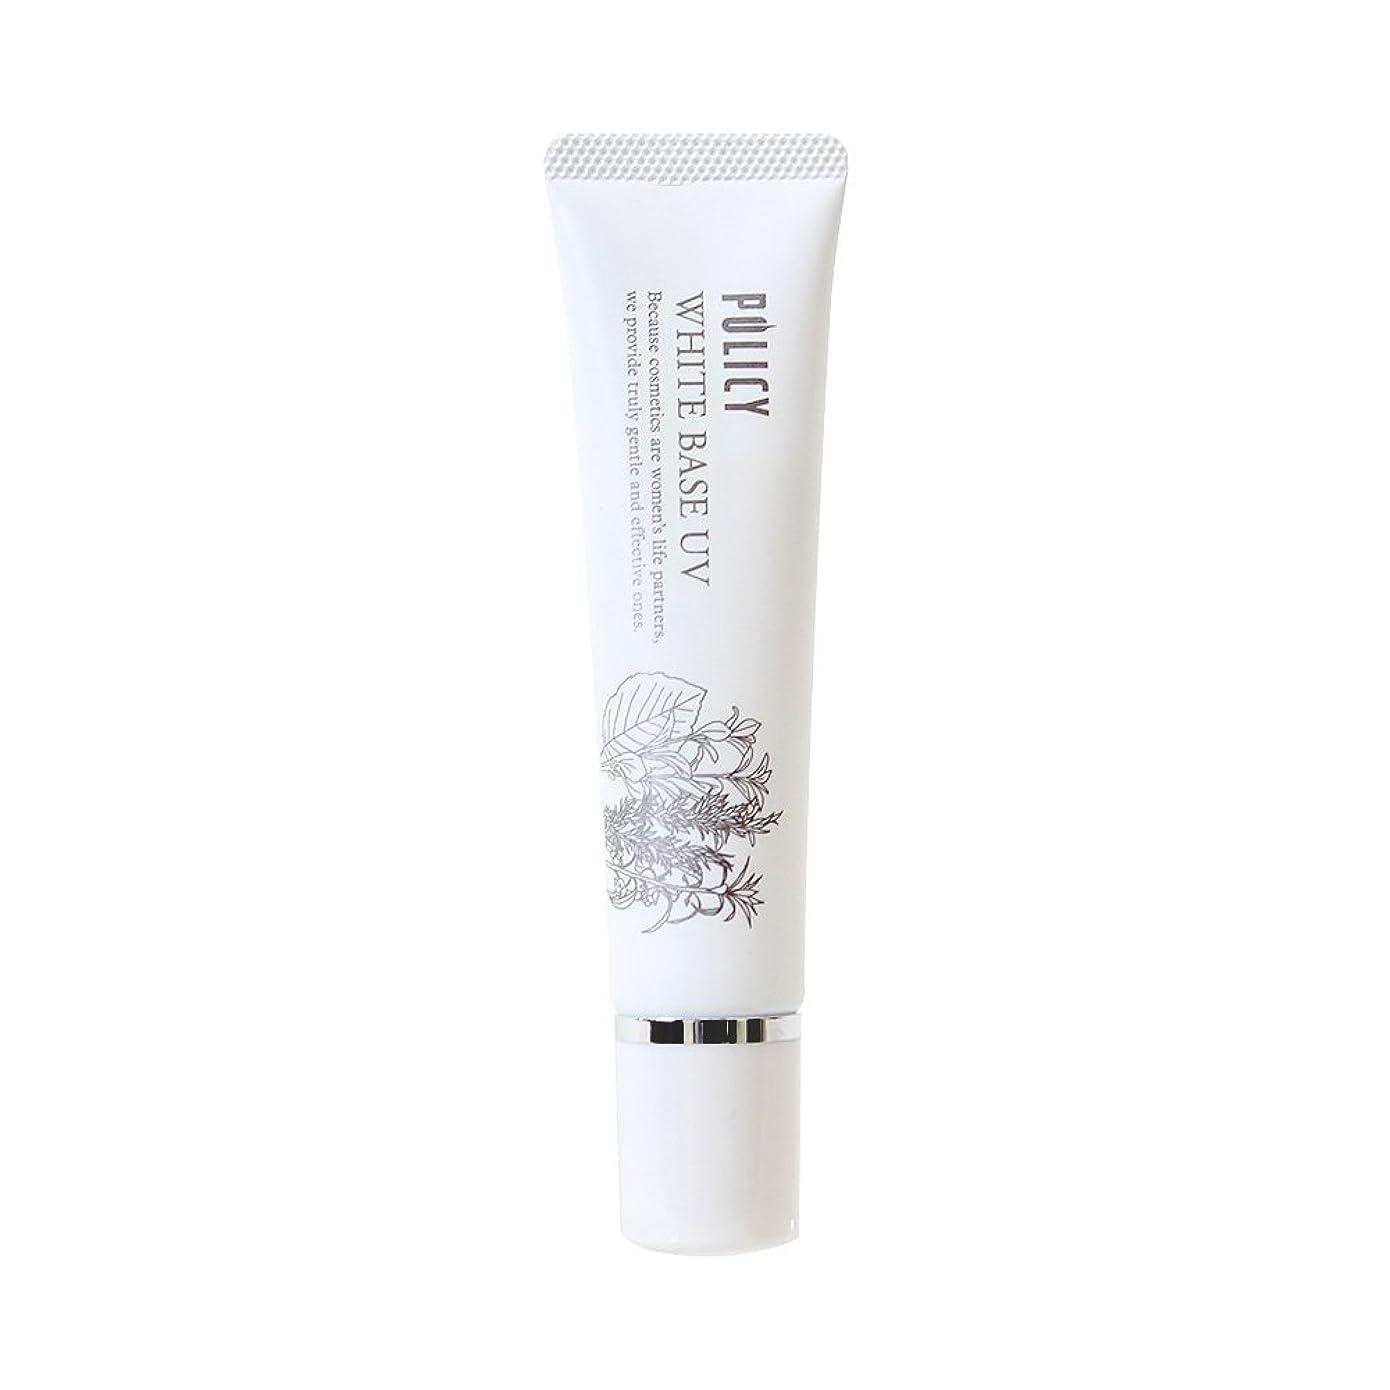 アーティストライター進化ポリシー化粧品 【メイク下地クリーム】ホワイトベースUV 30g